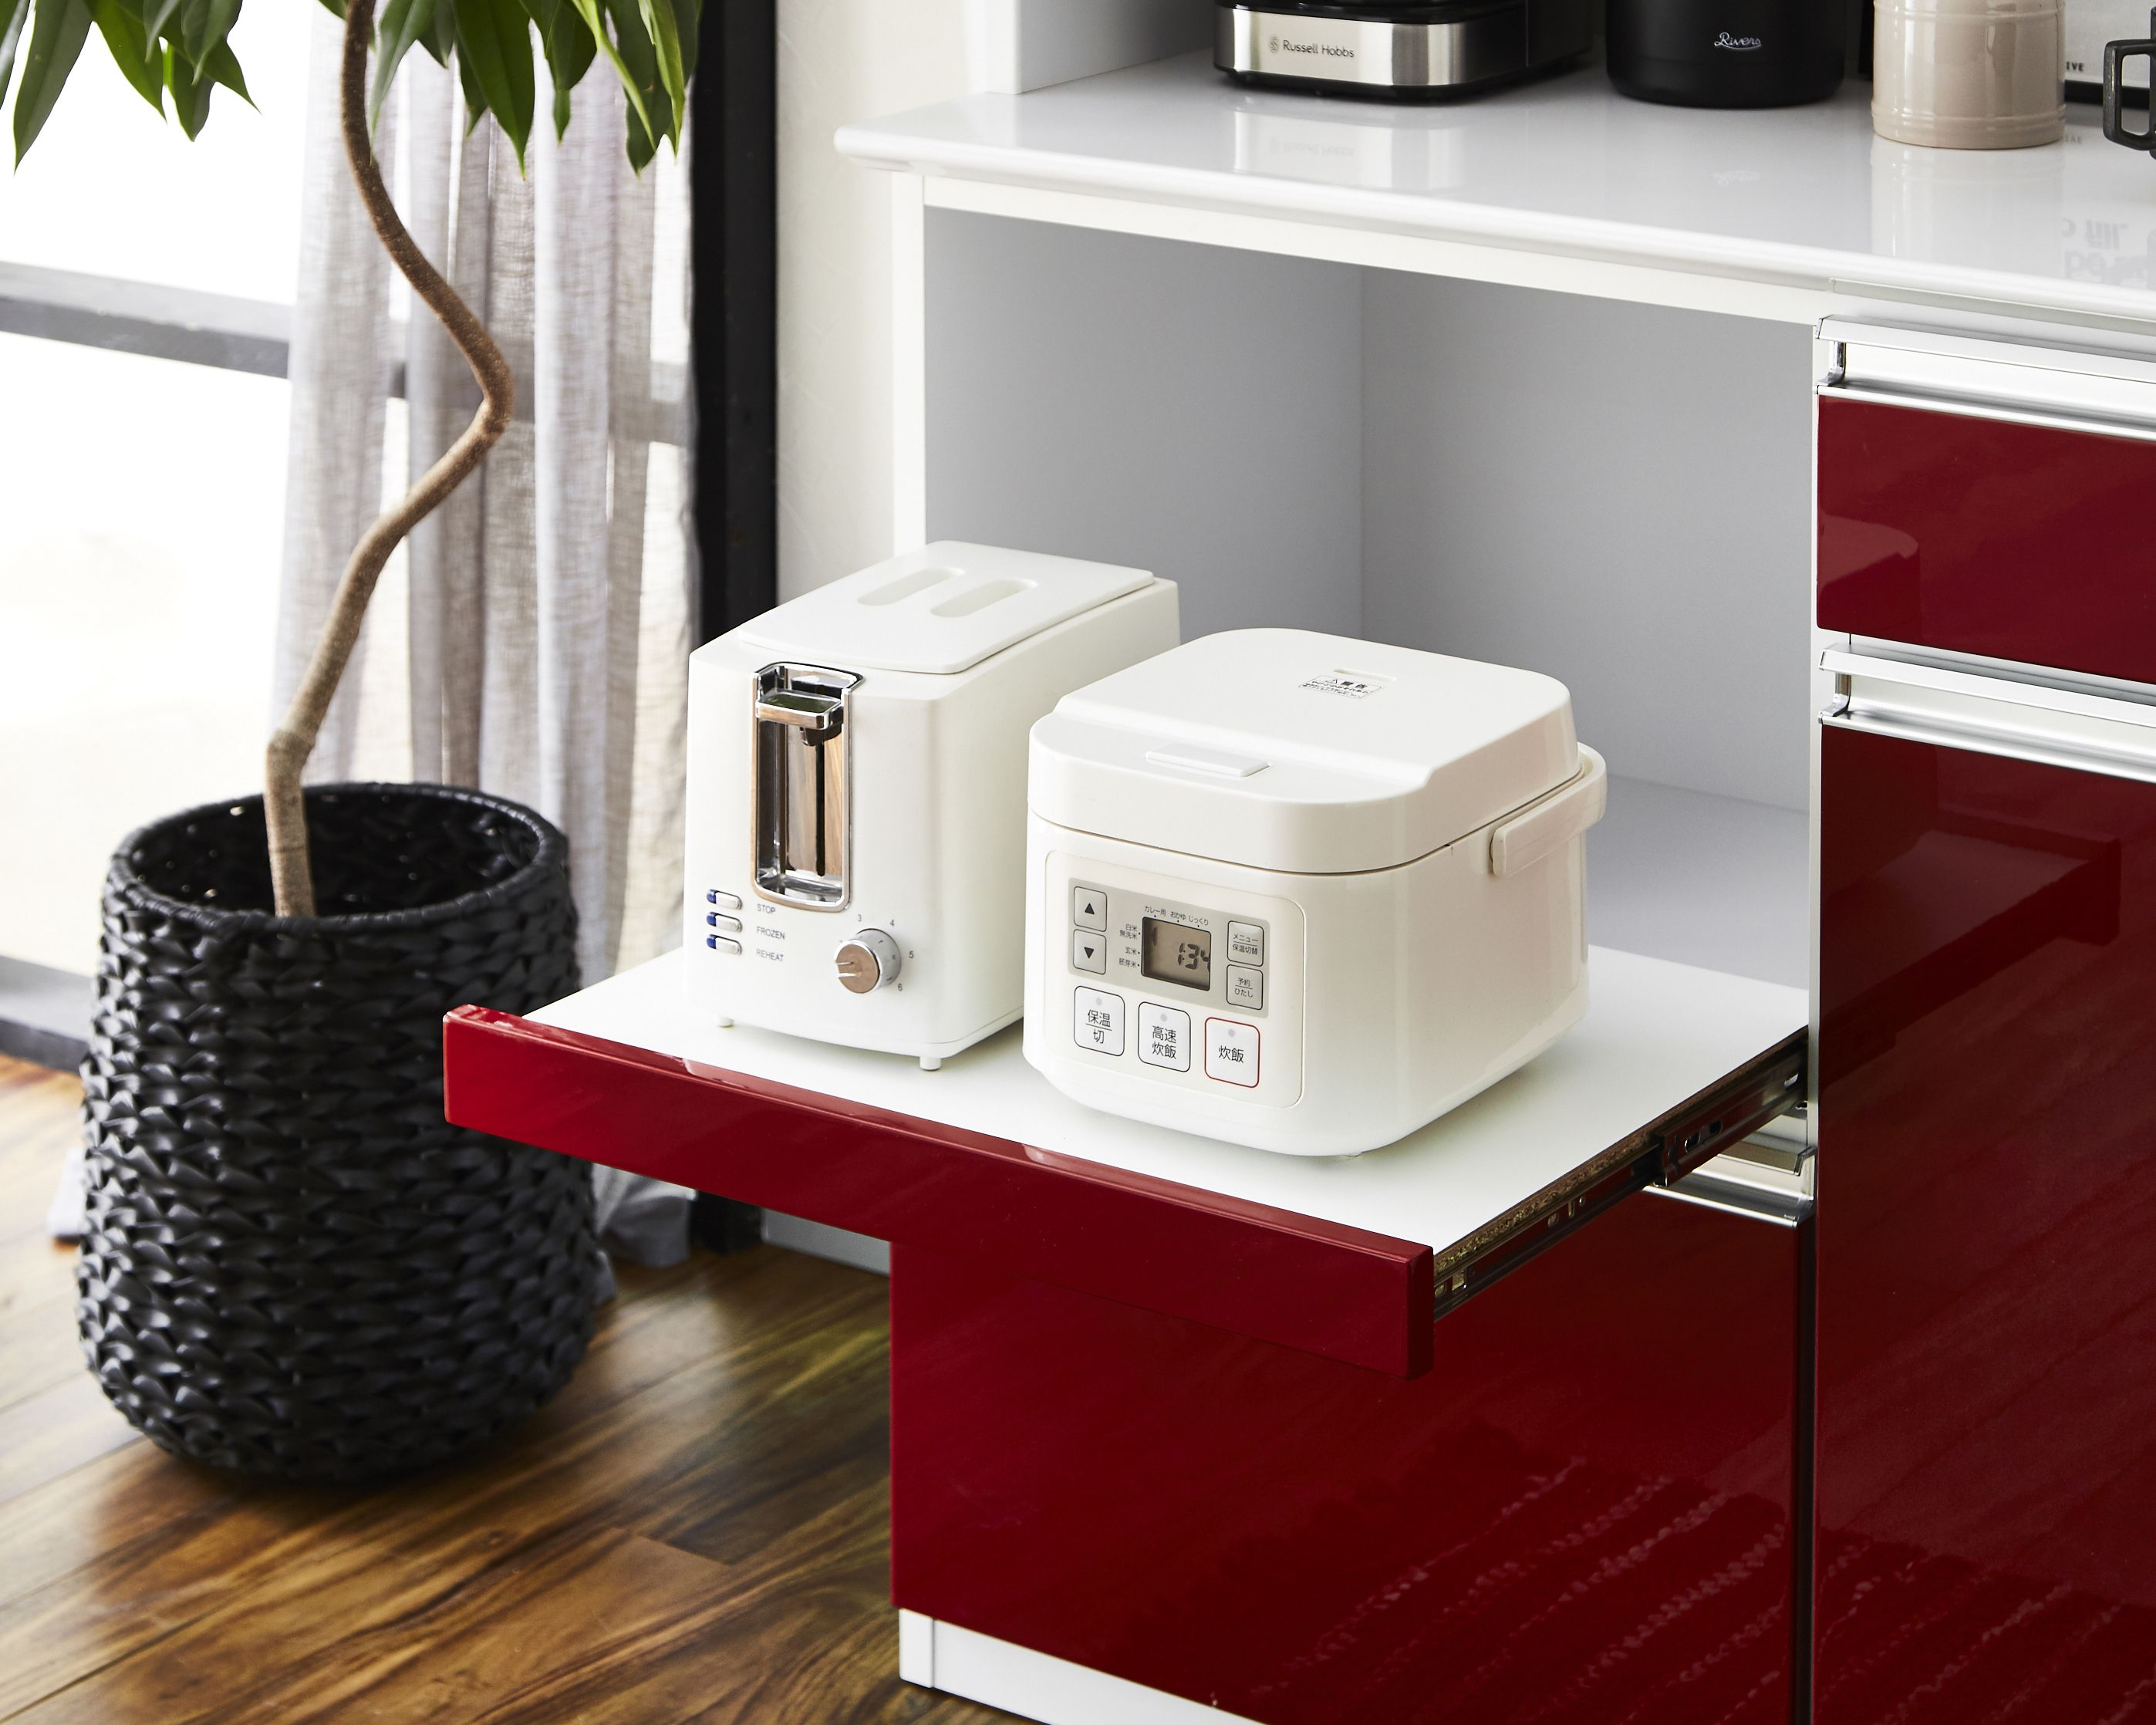 食器棚 レンジ台 レンジボード おしゃれまとめの人気アイデア Pinterest 手作り家具工房 日本の匠 2020 食器棚 収納 レンジ台 食器棚